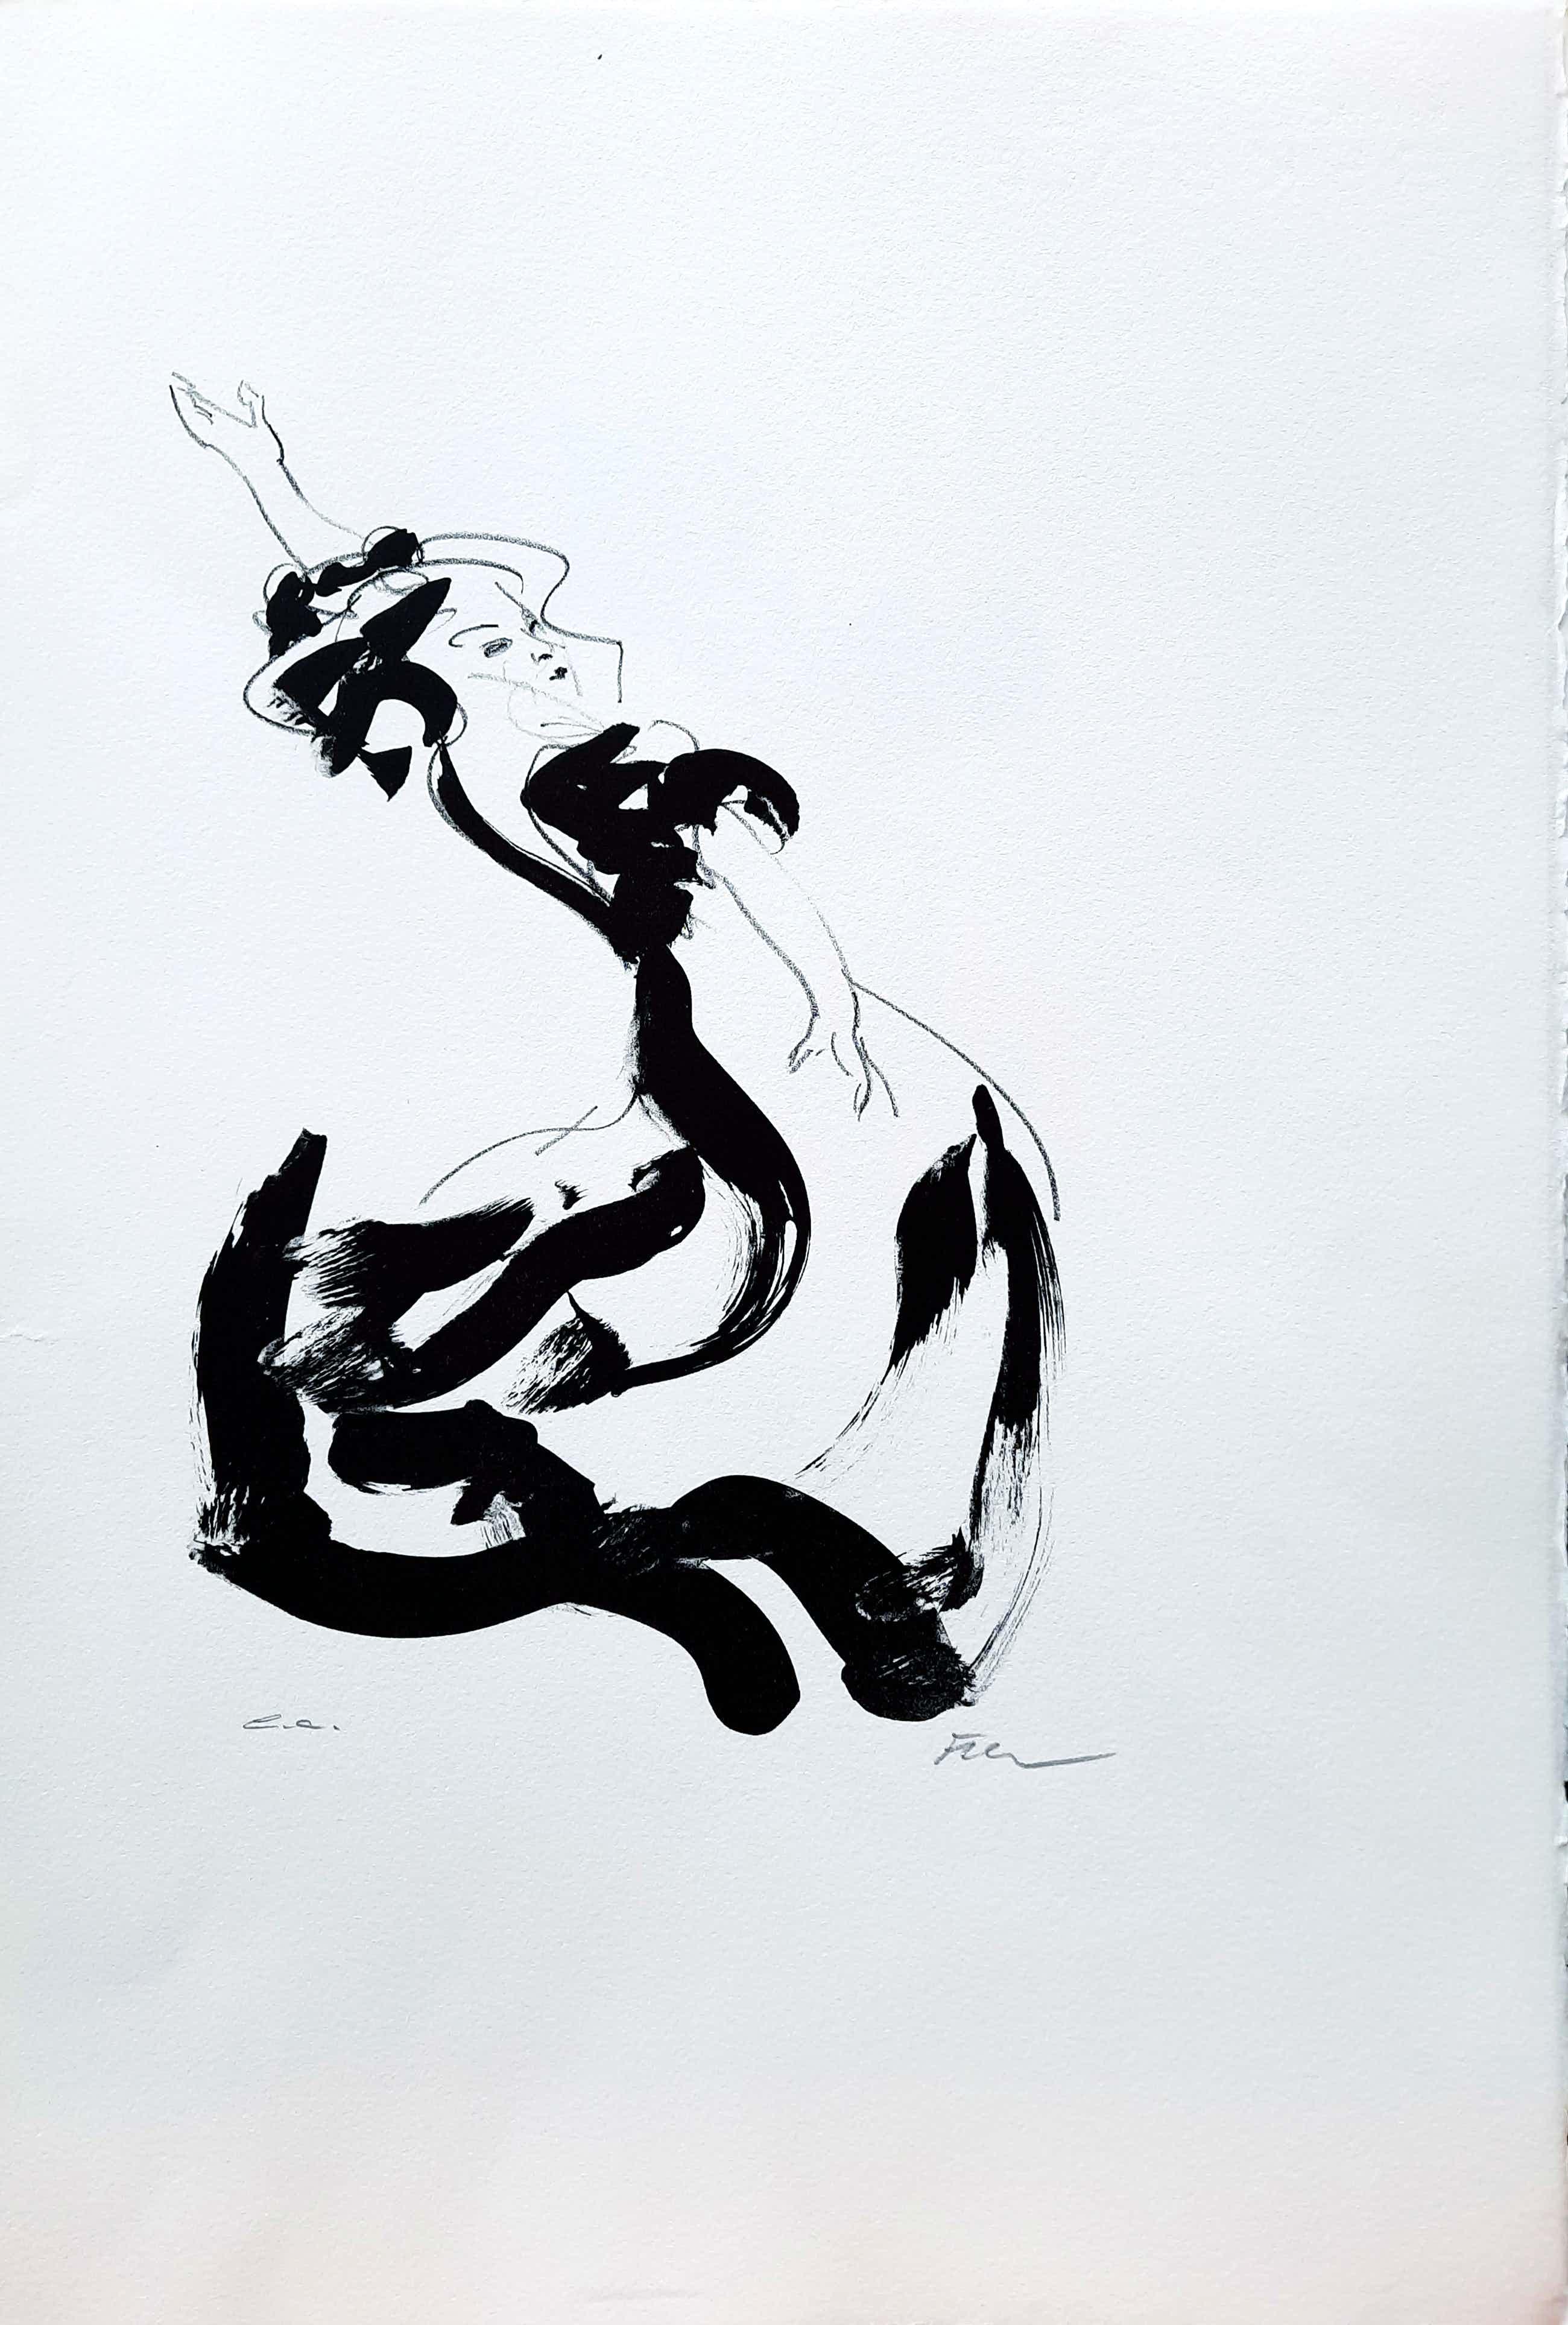 Luis Filcer - Flamenco I - nieuwstaat - litho uit 2008 kopen? Bied vanaf 75!